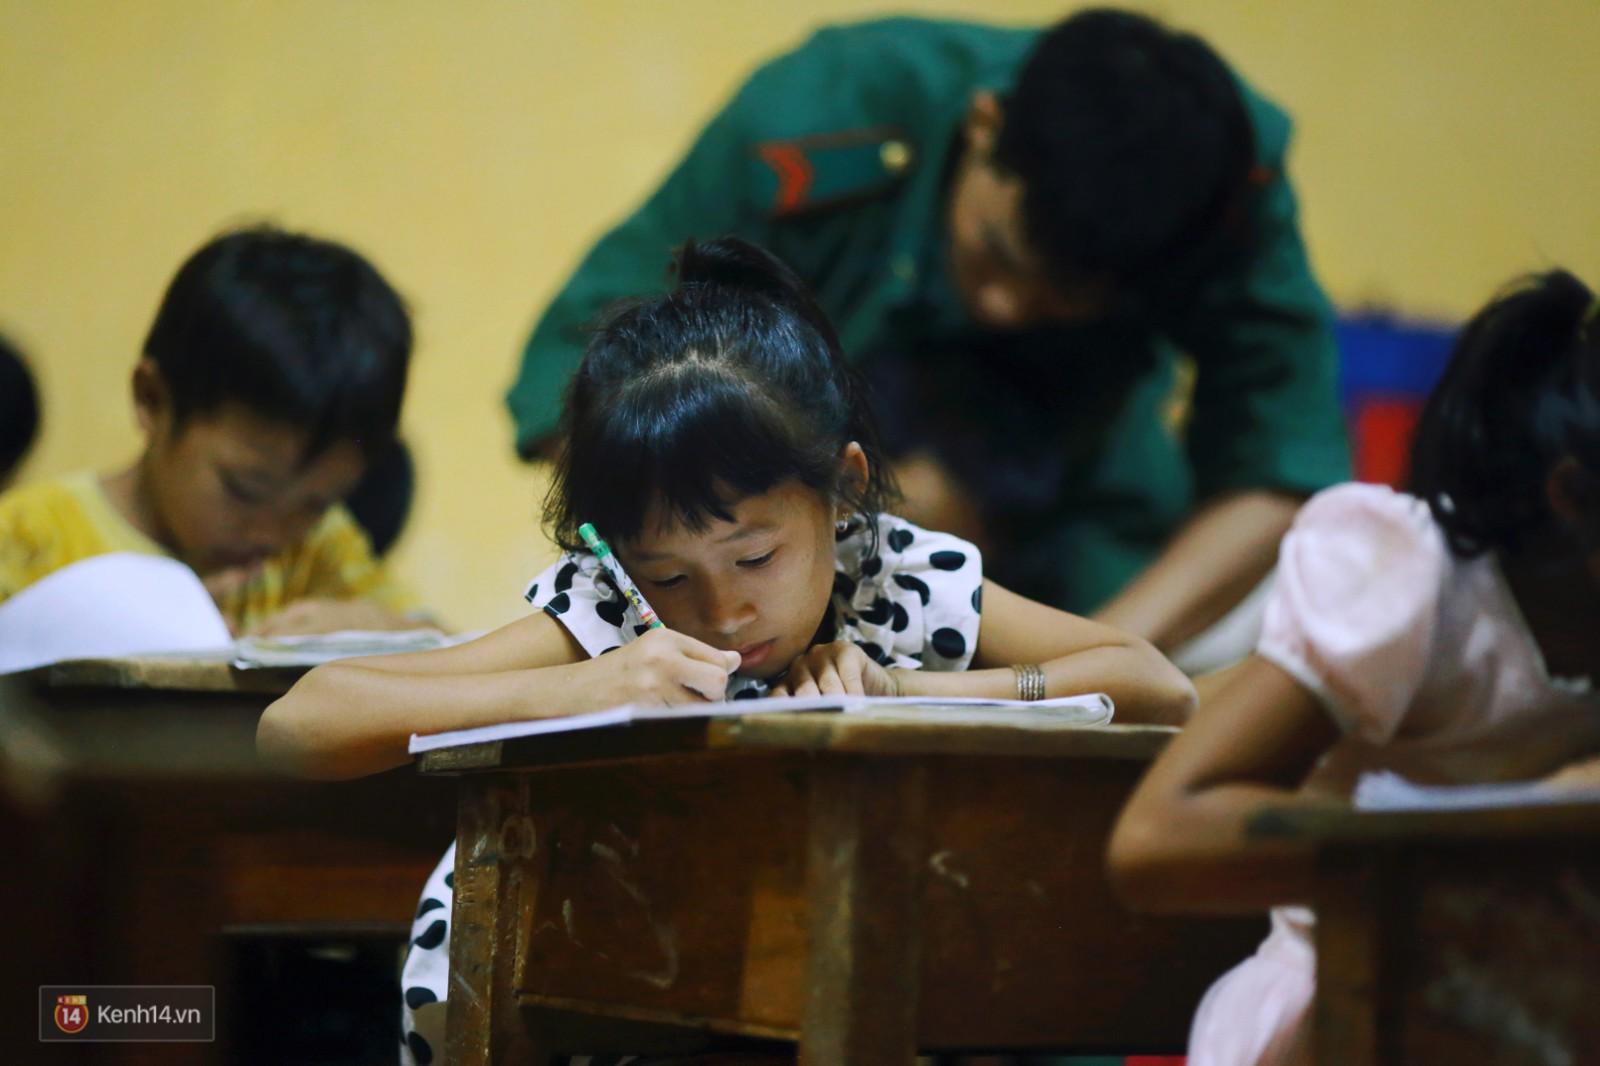 Những thầy giáo quân hàm xanh ở Vành đai biên giới Việt - Cam: Ngày tuần tra, đêm gieo chữ cho bọn trẻ không quốc tịch - Ảnh 5.